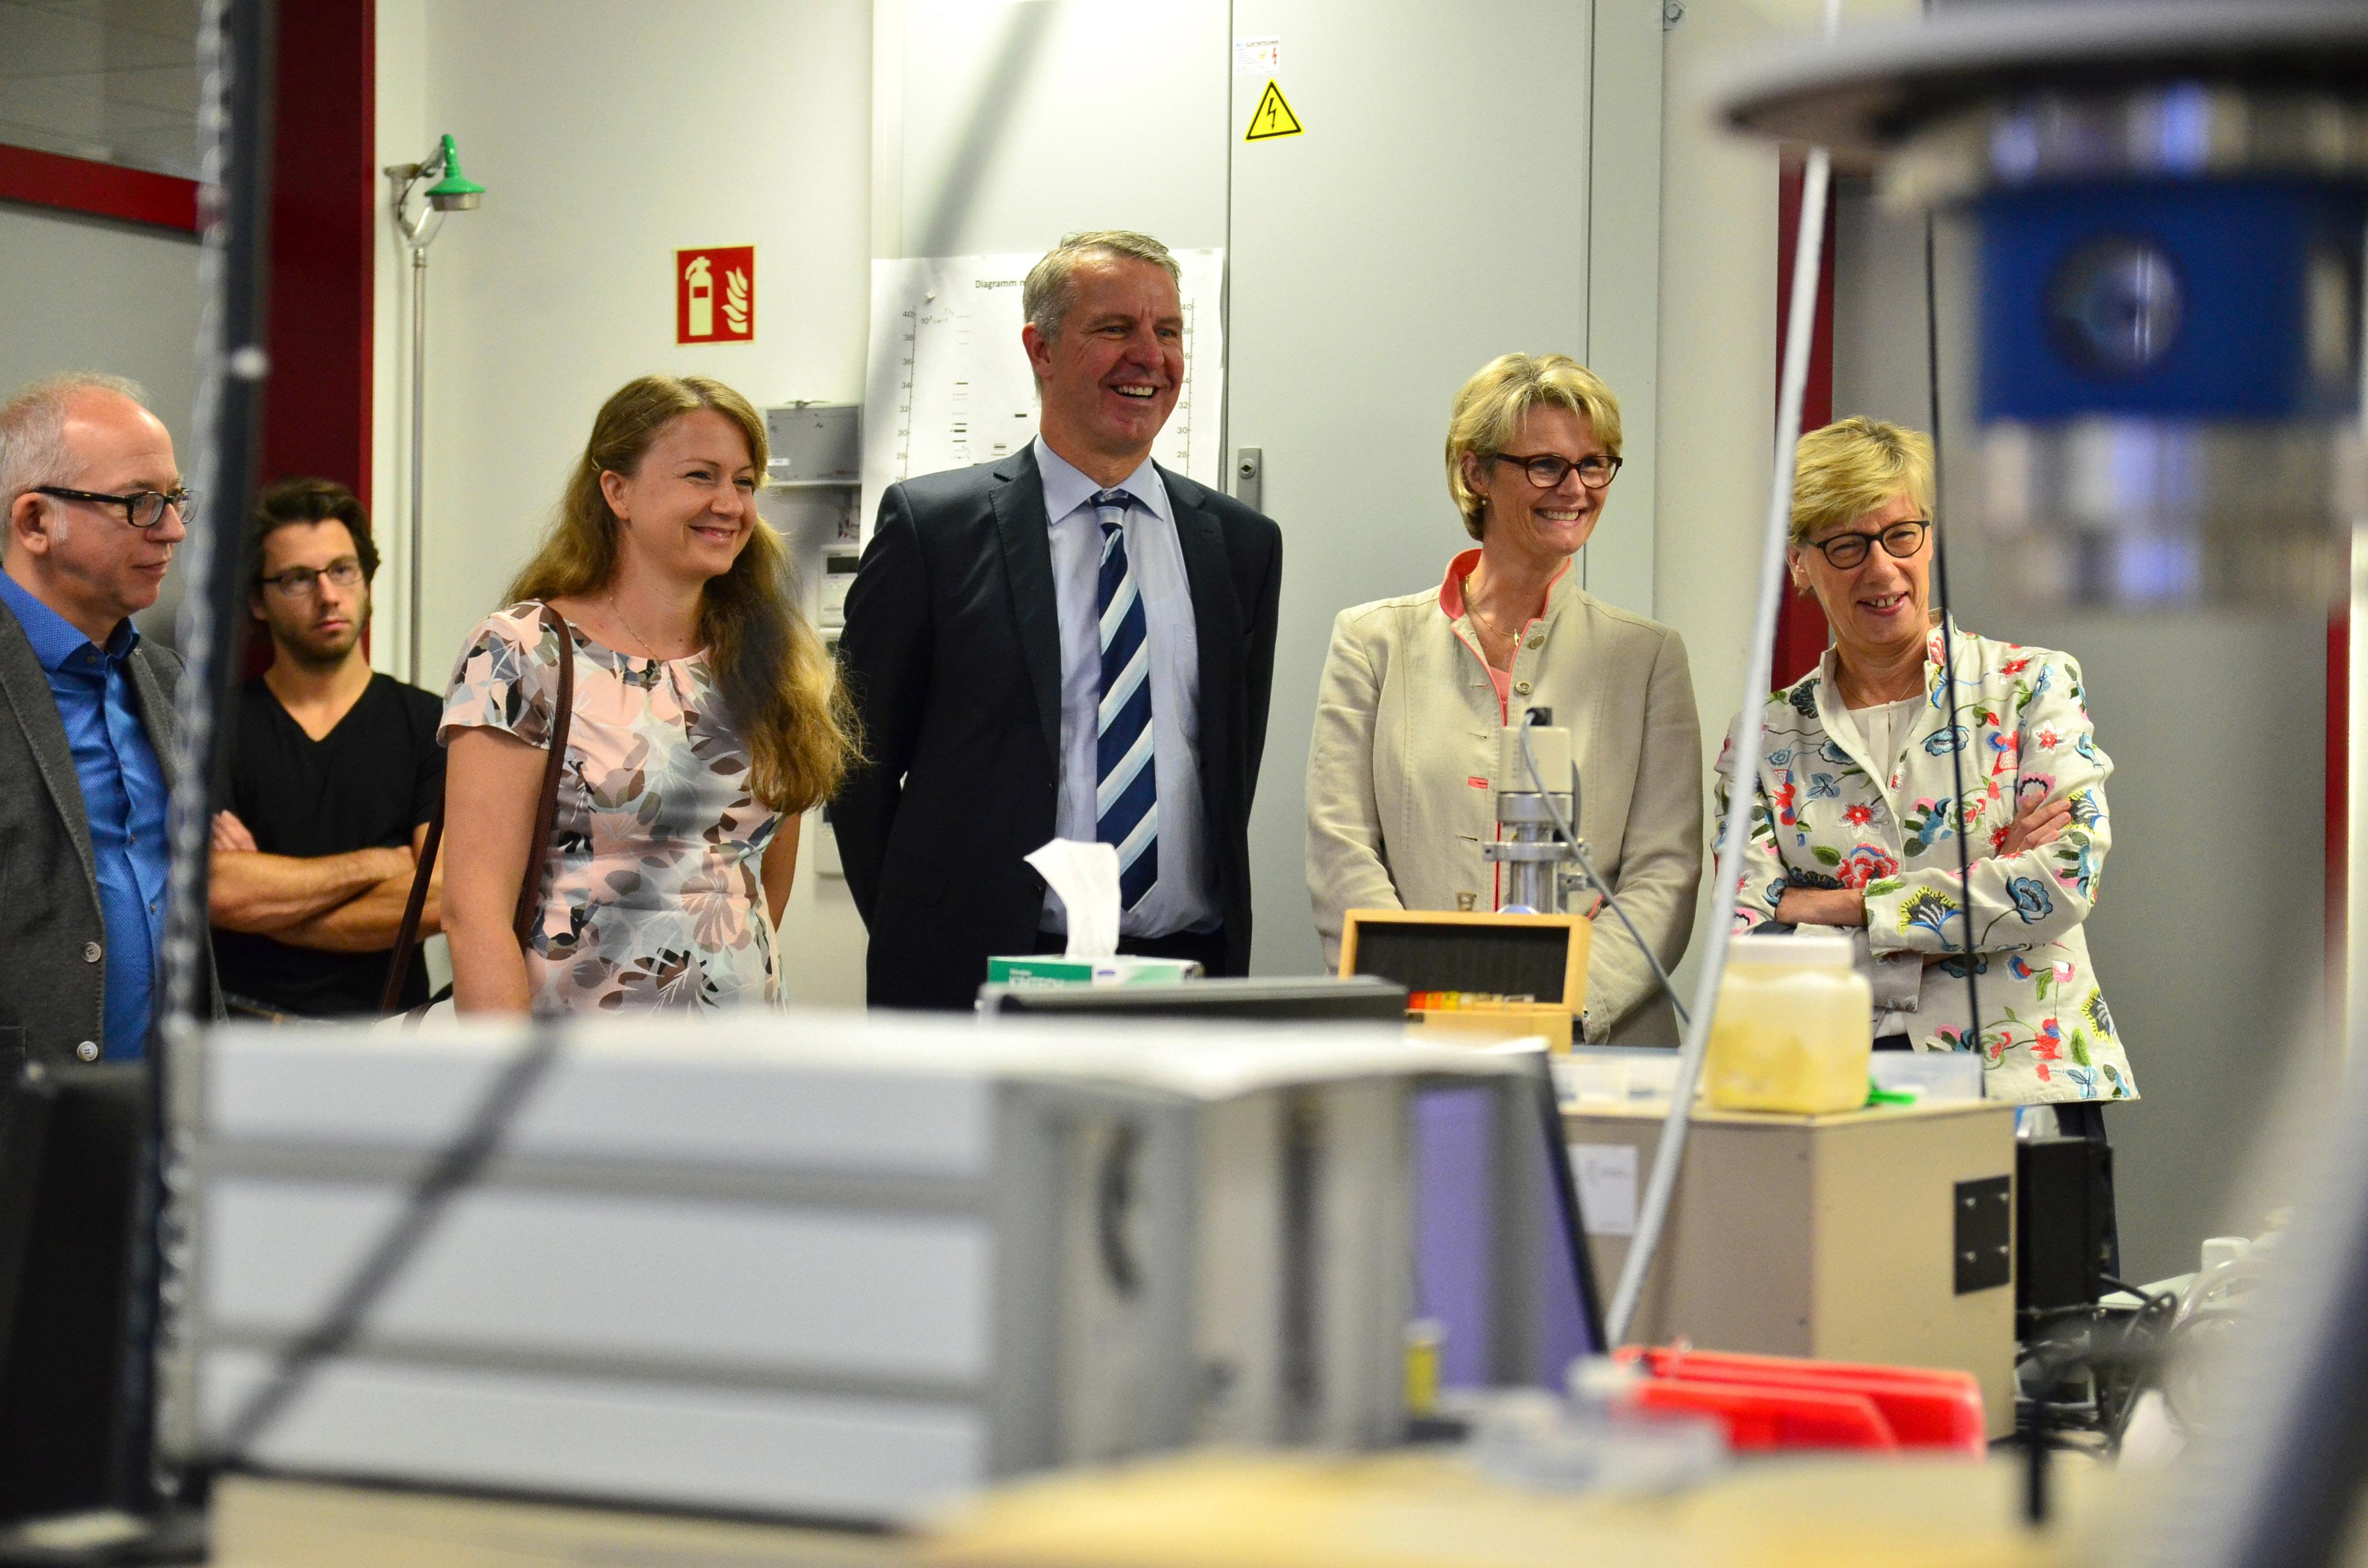 Bundesministerin Anja Karliczek und Präsidentin Prof. Dr. Ute von Lojewski mit weiteren Personen im Chemielabor